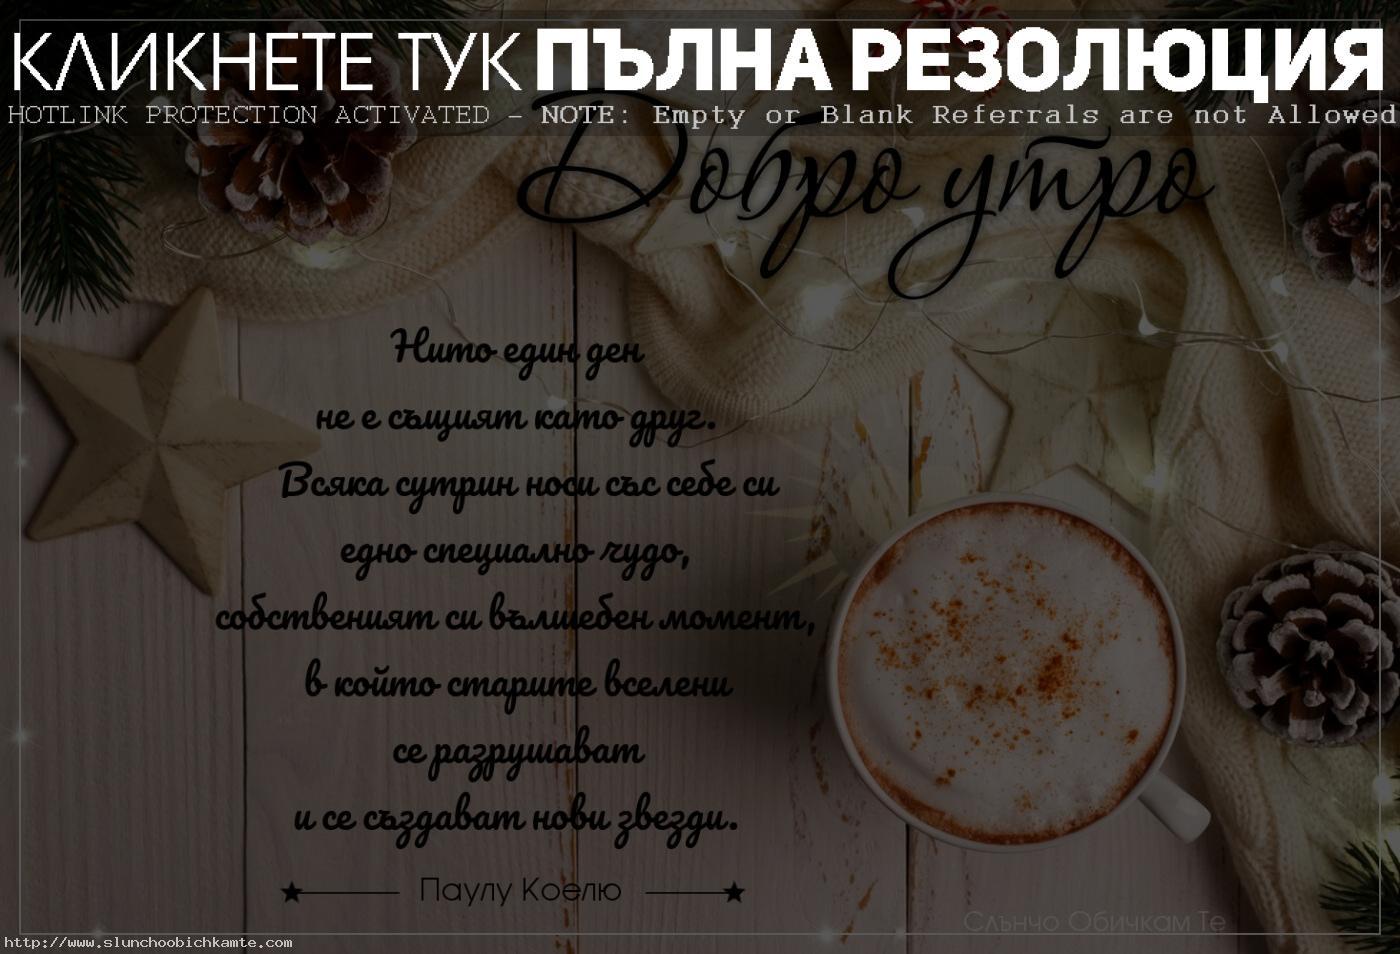 Добро утро с Паулу Коелю, добро утро в събота, пожелания за добро утро, картички за добро утро с цитат, статуси, мъдри мисли